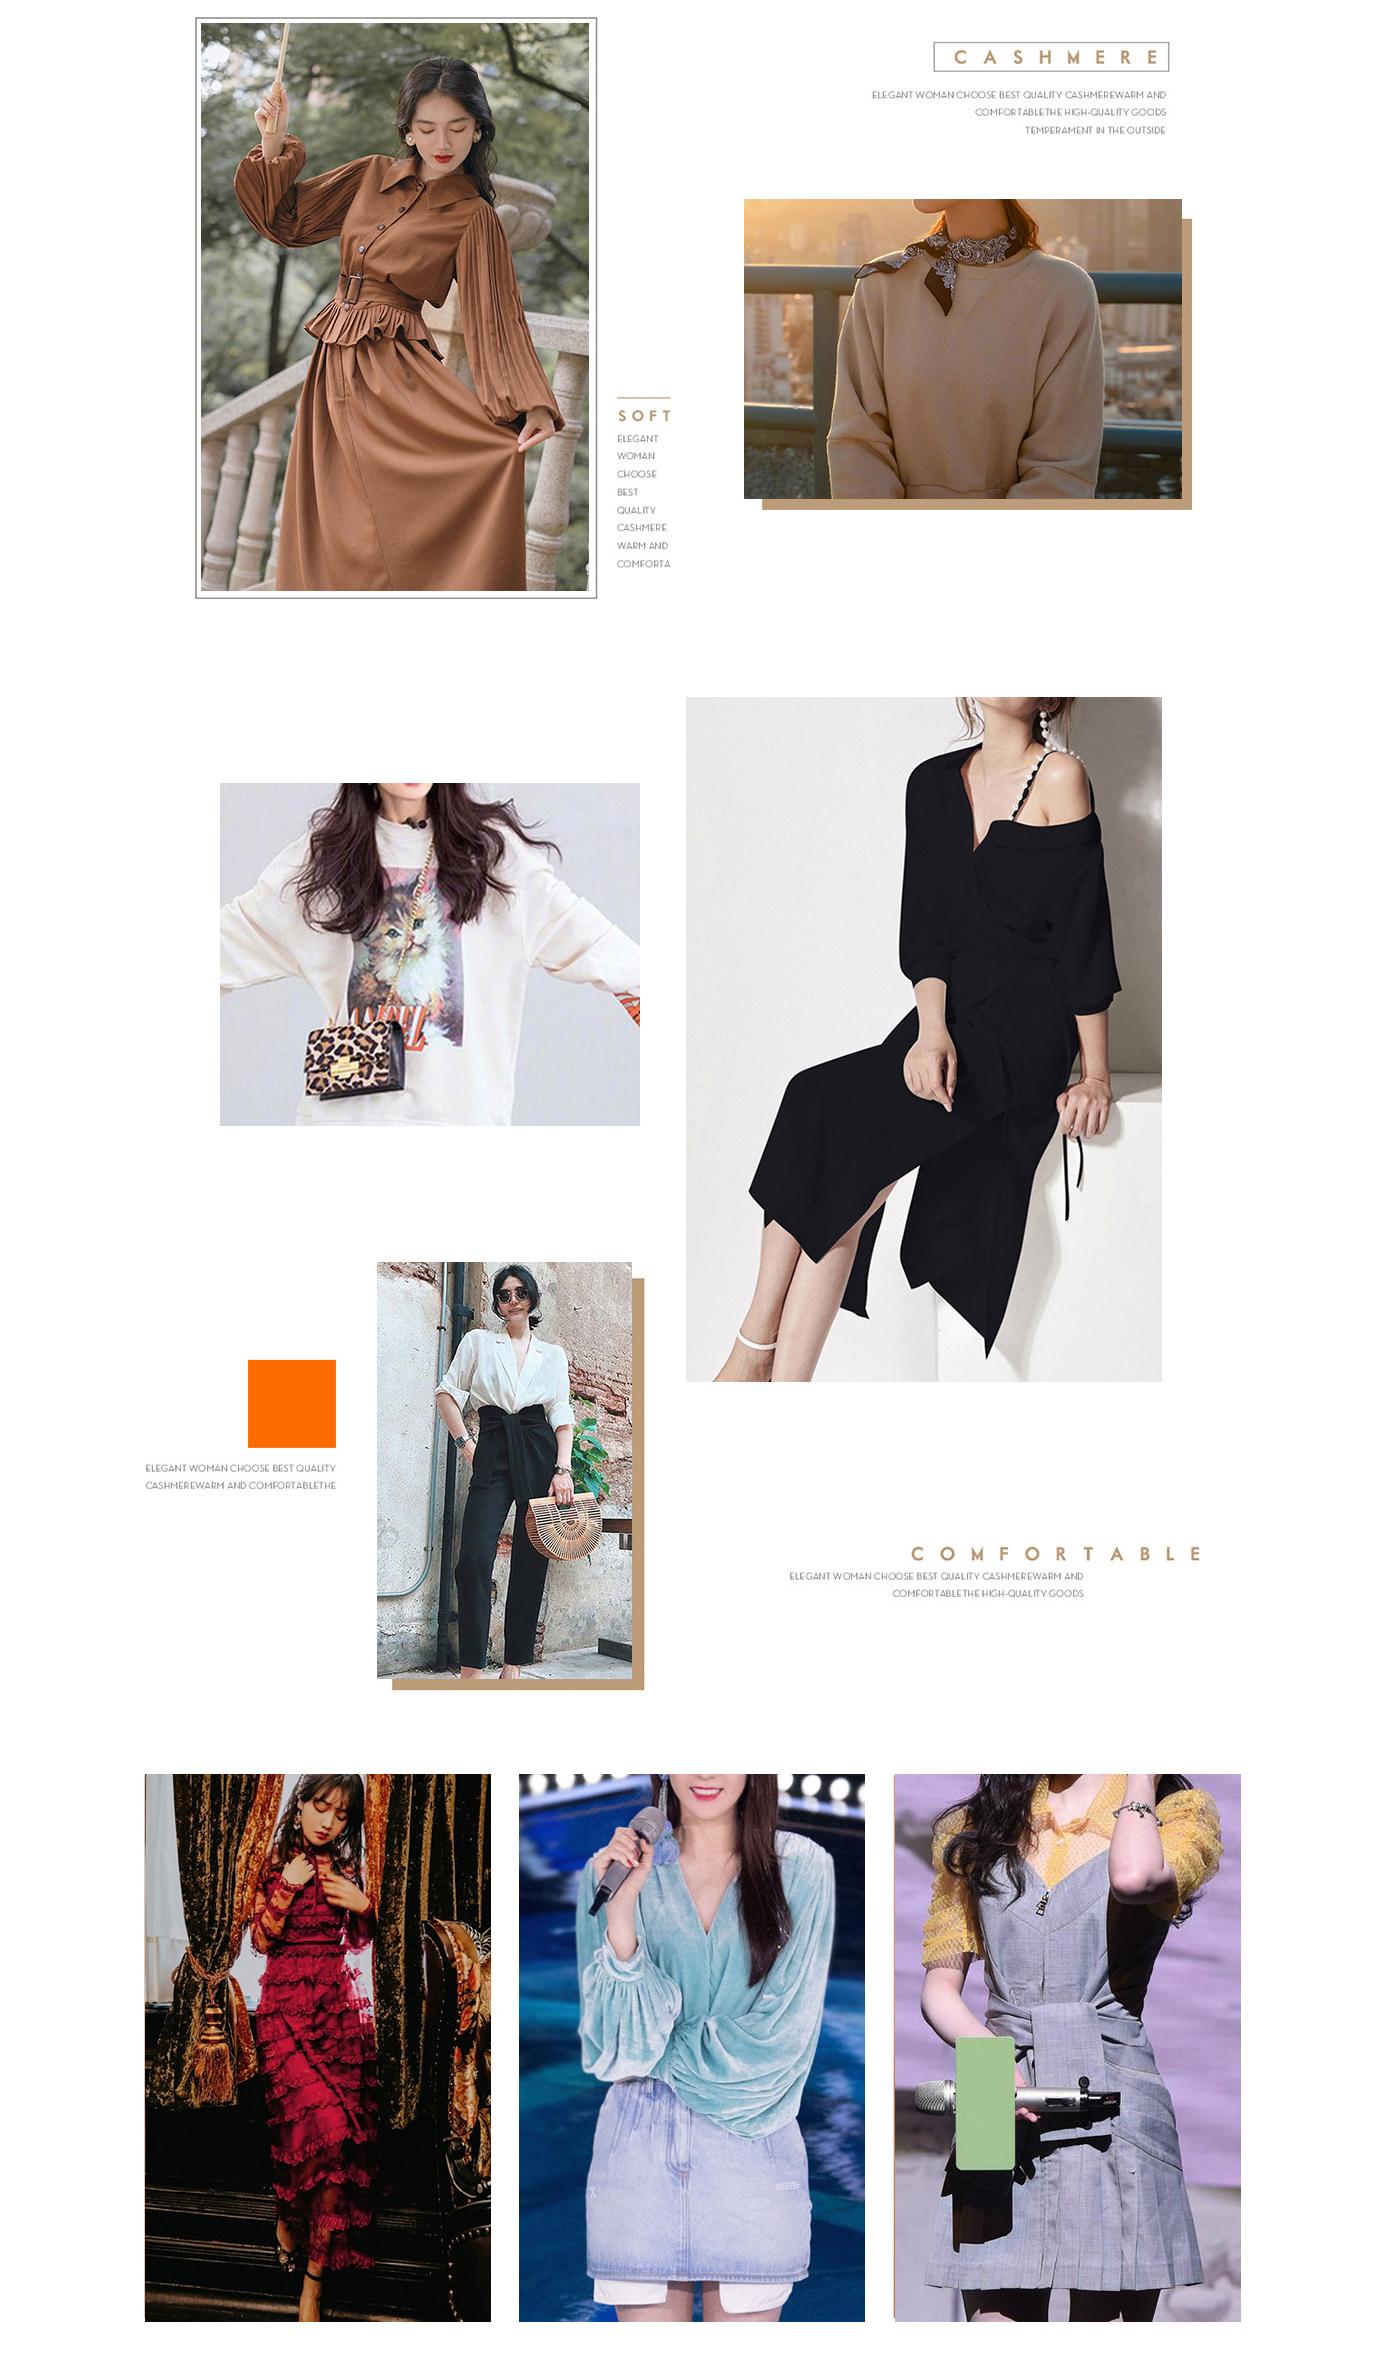 オリジナルの洋服、ワンピースやドレスが製作できるアパレルOEMサービス